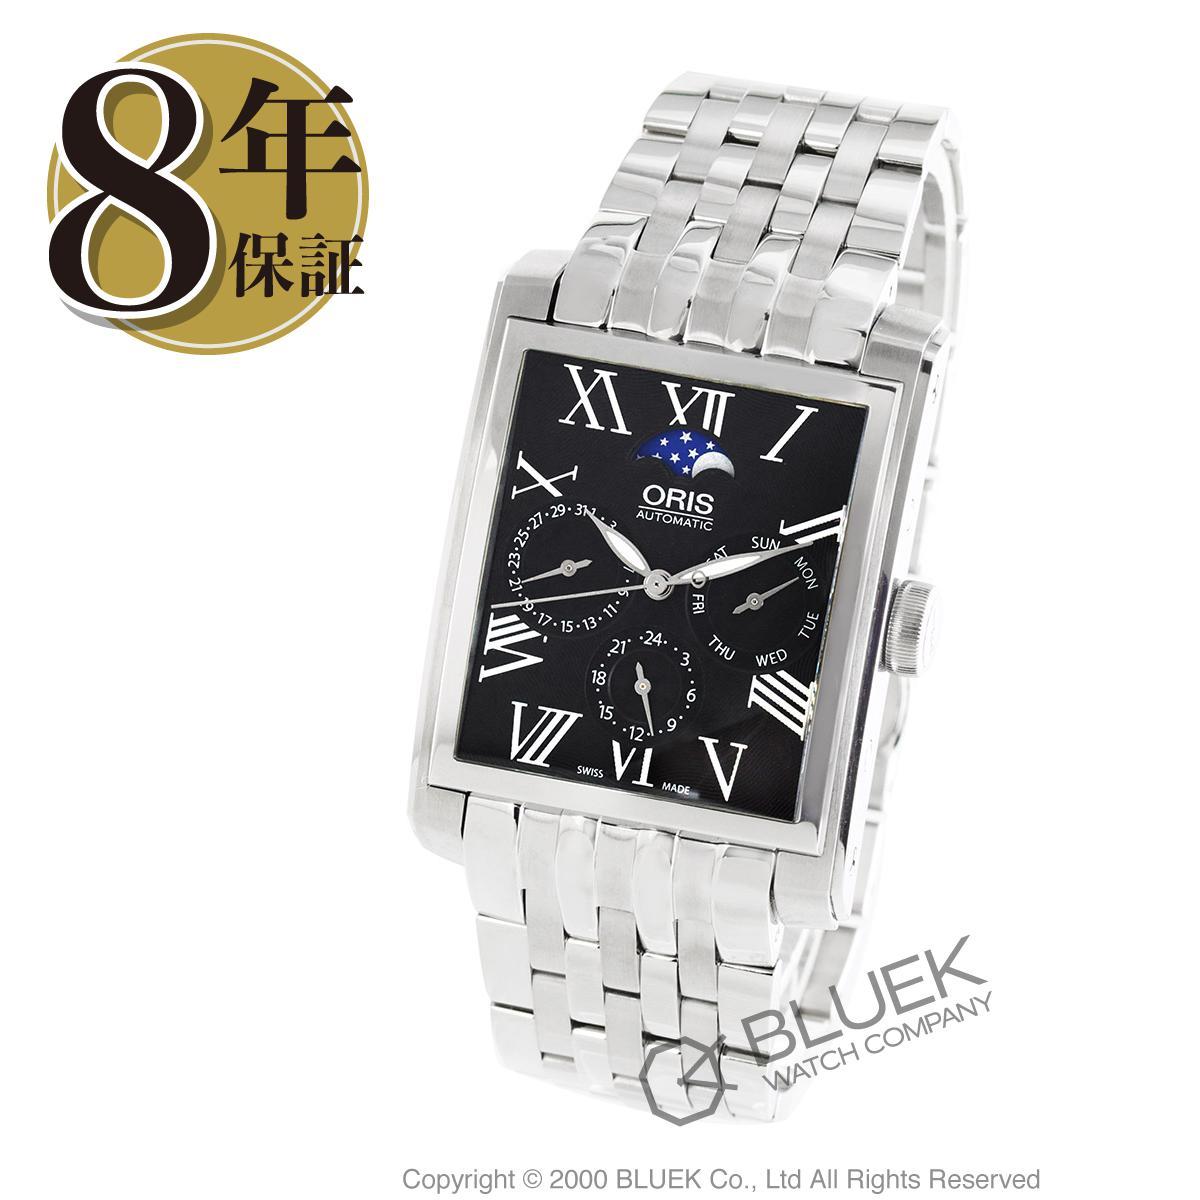 オリス ORIS 腕時計 レクタンギュラー コンプリケーション メンズ 581 7658 4074M_8